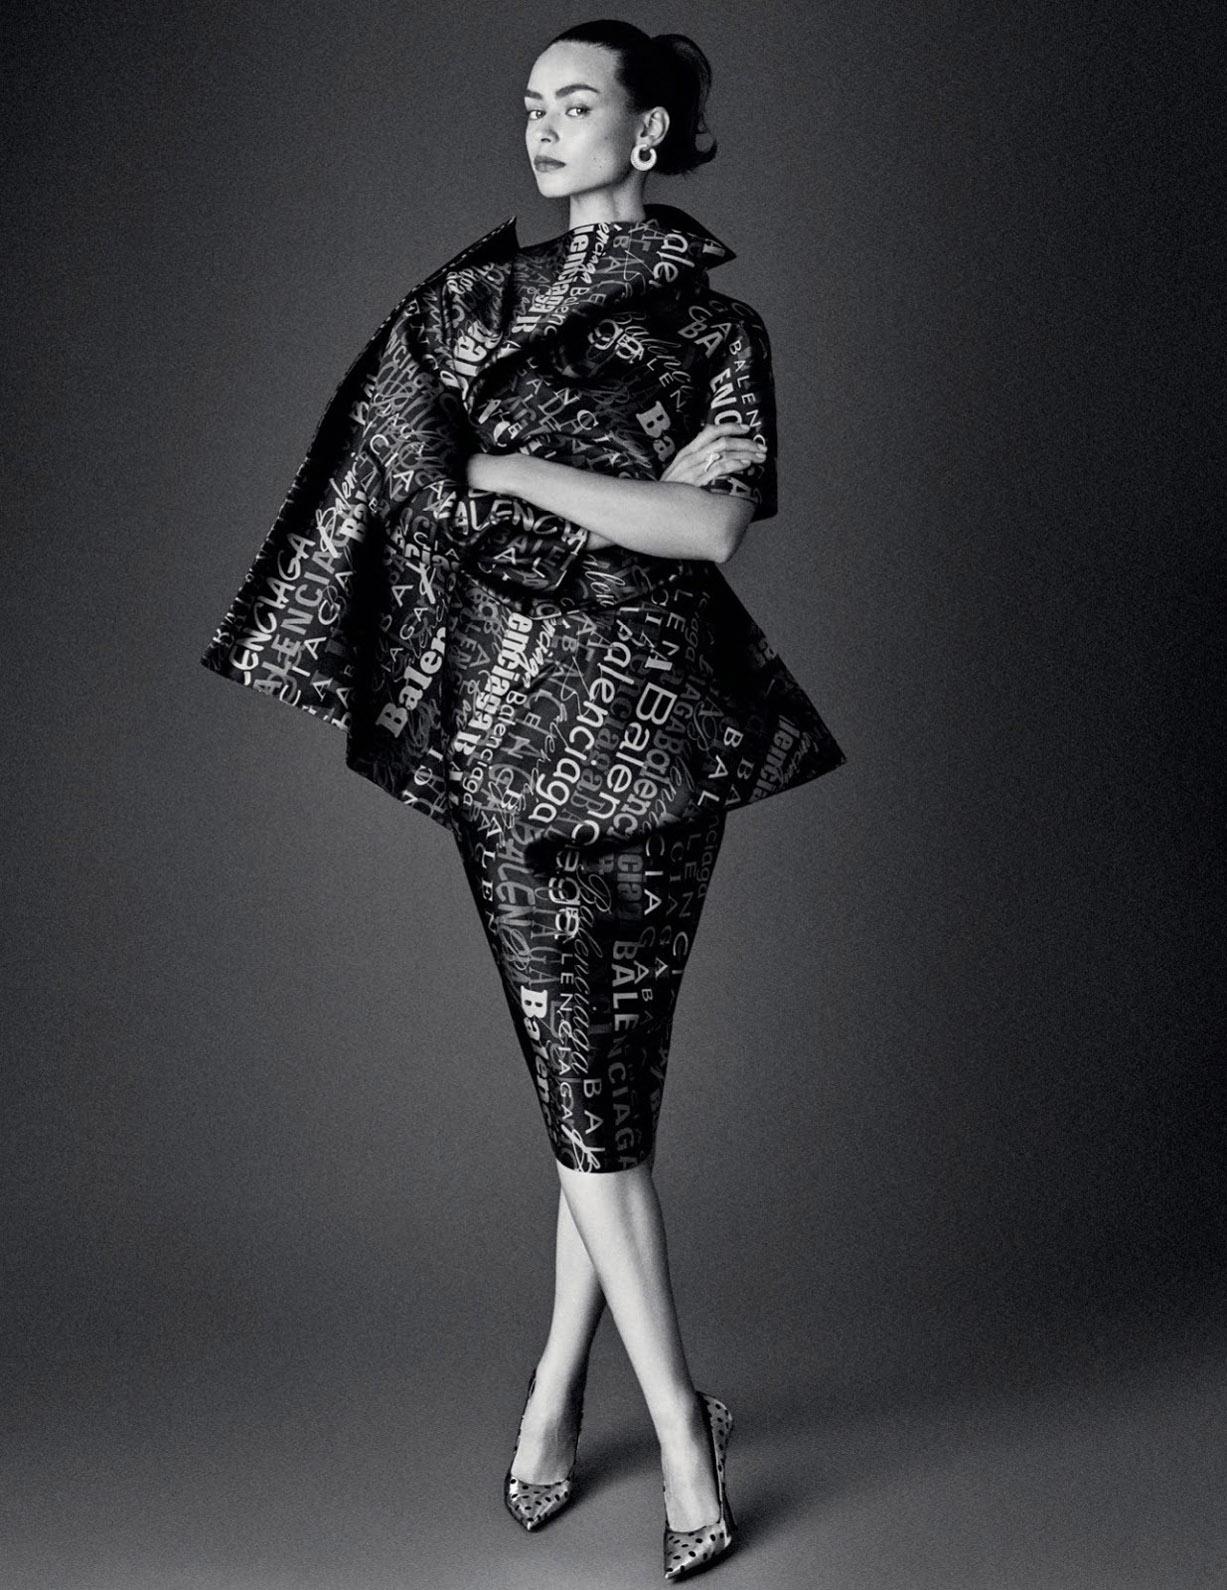 Модные тенденции - что носить весной / Birgit Kos by Giampaolo Sgura / Vogue Russia february 2019